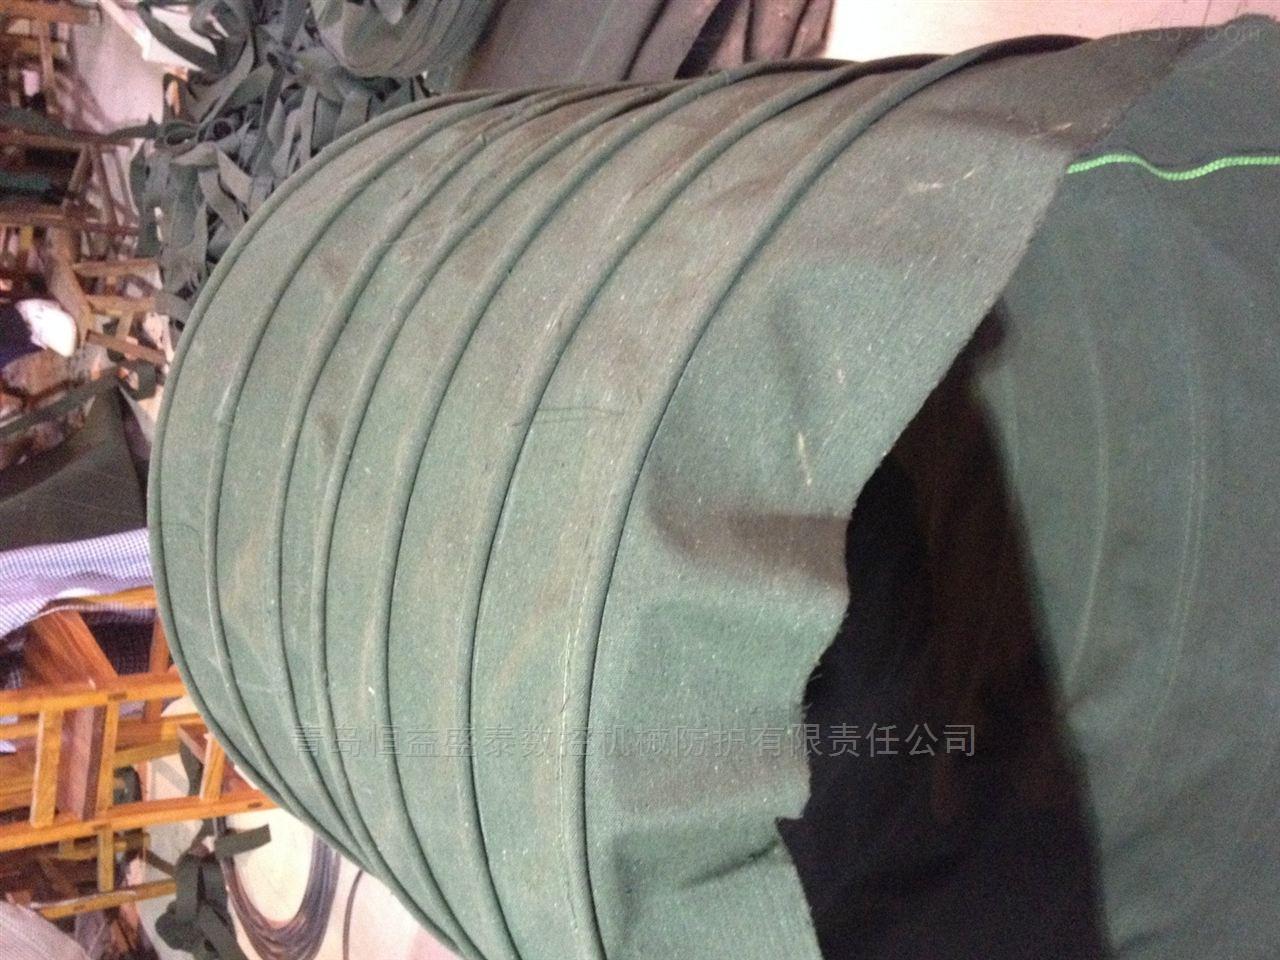 电厂散装机下料口吊环式帆布伸缩布袋加工厂